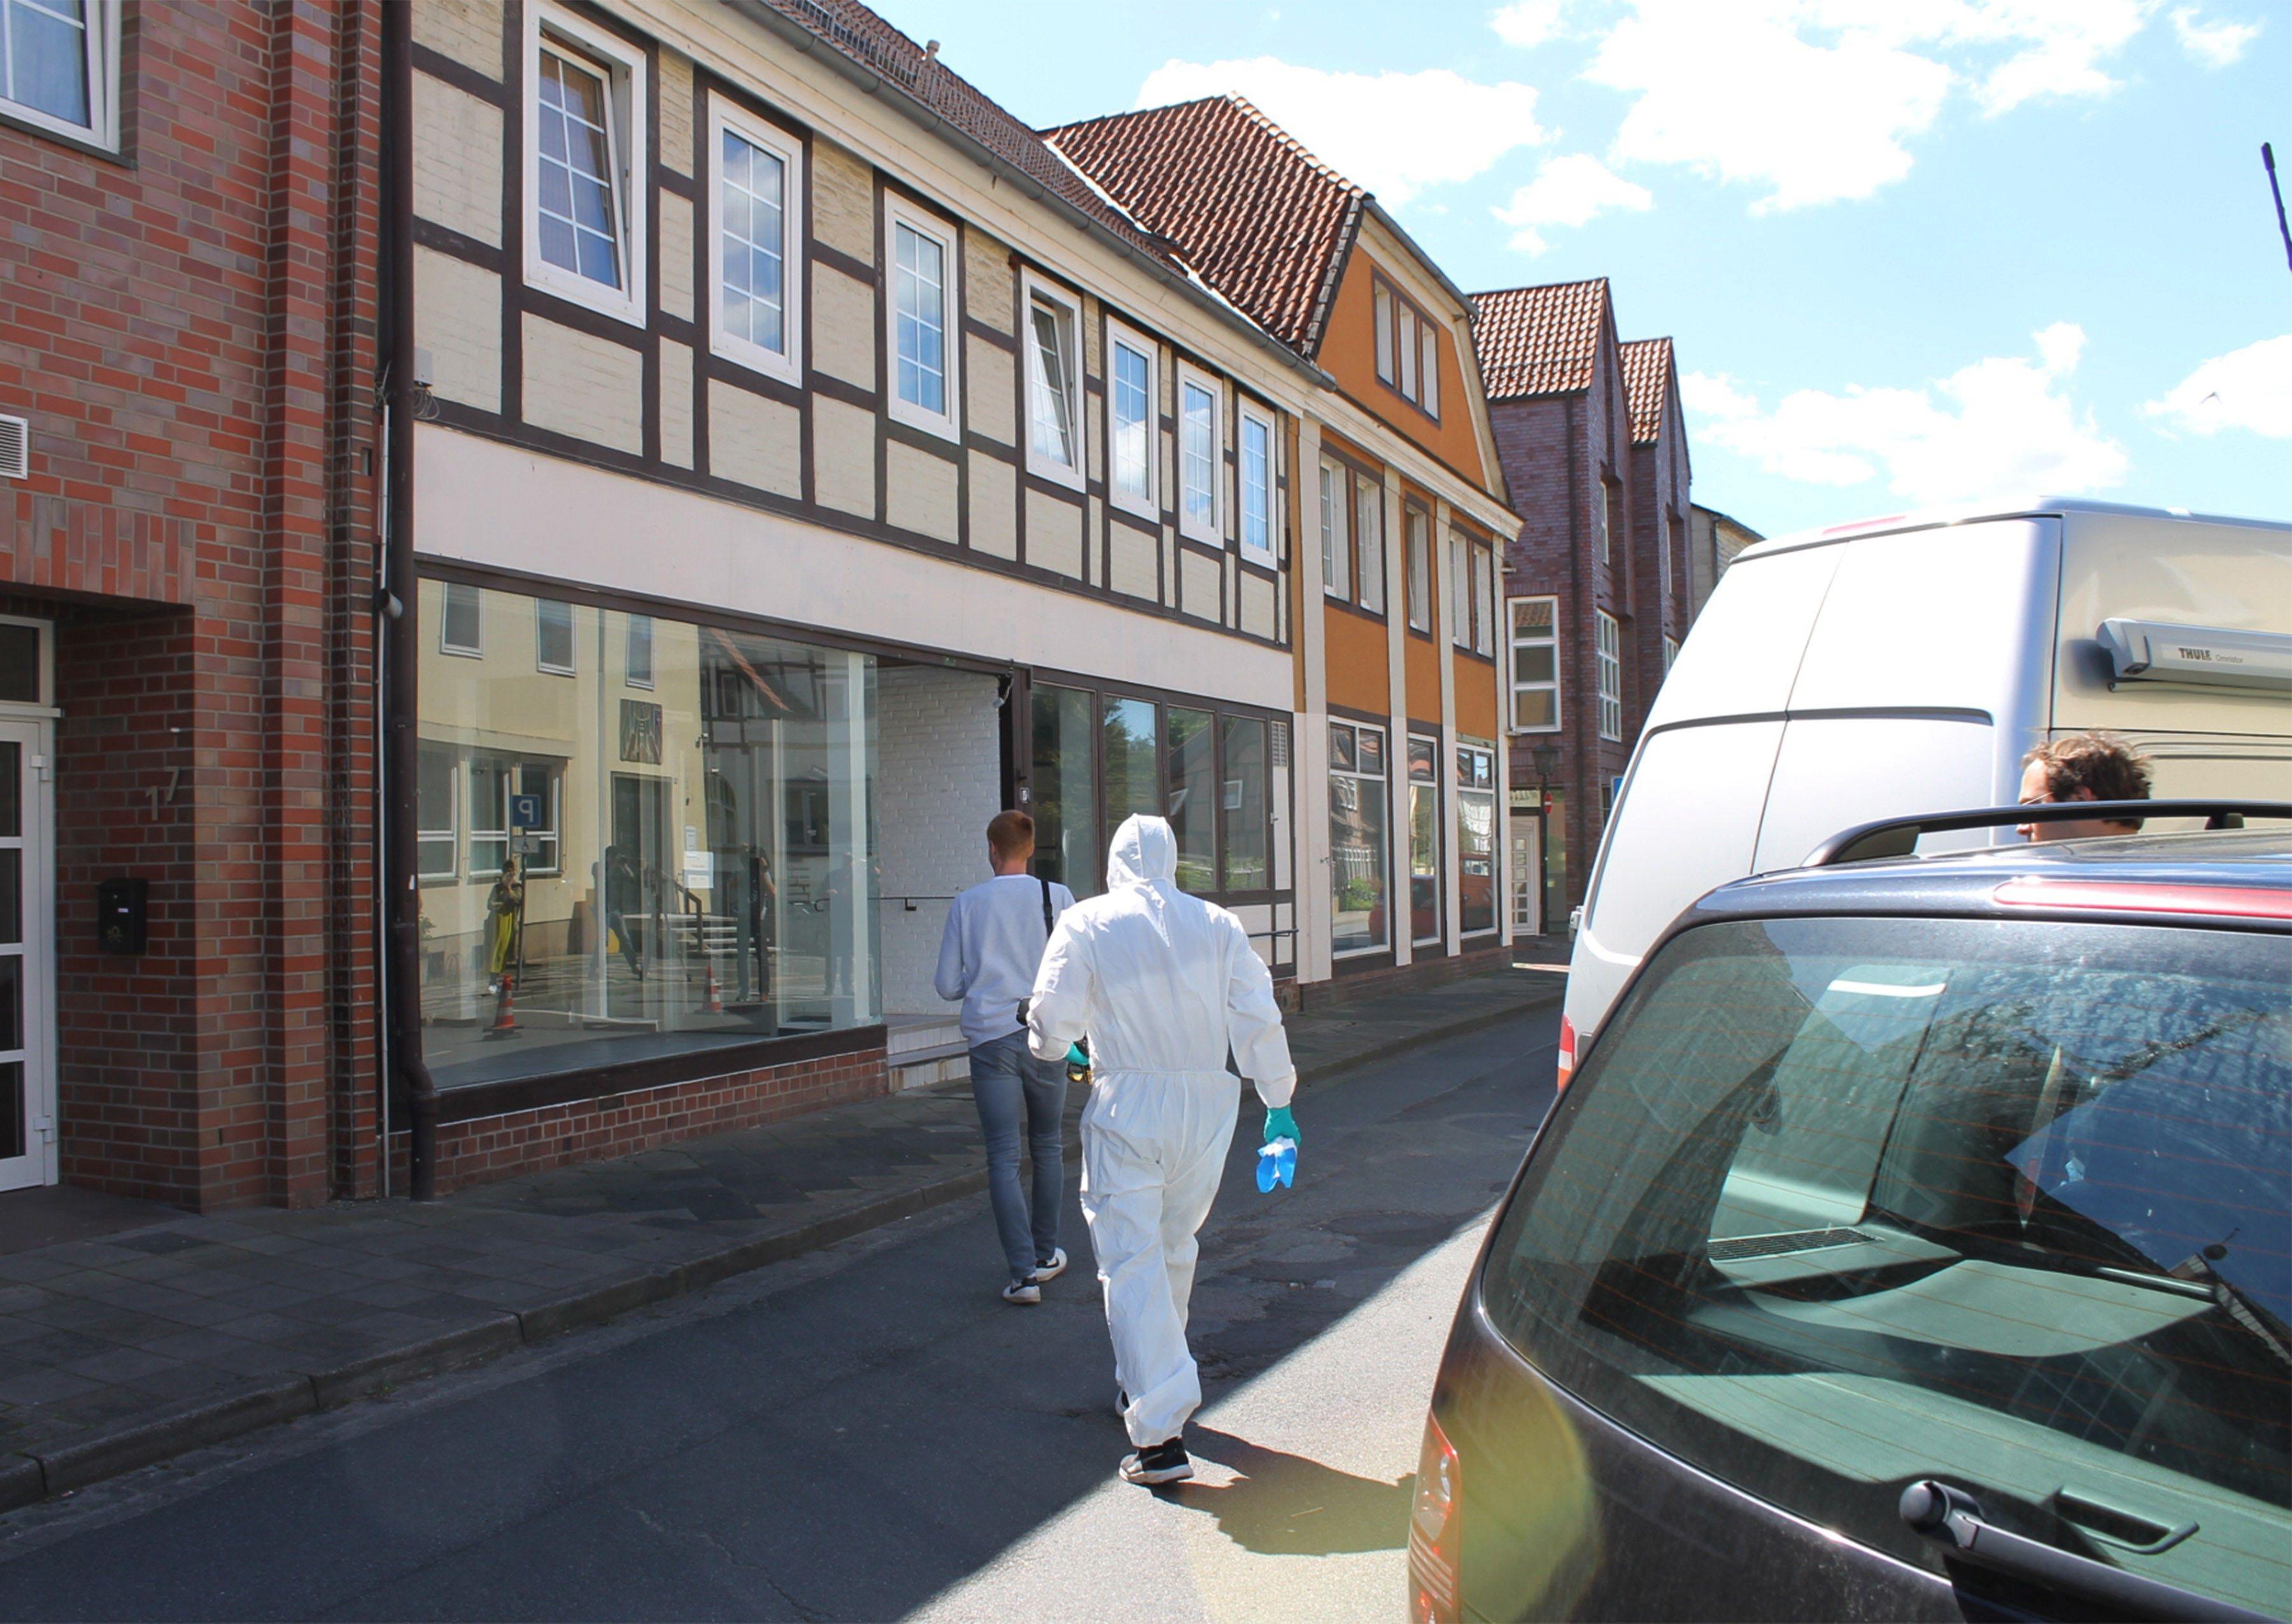 La Policía alemana investiga las muertes de cinco personas, tres de ellas halladas en una pensión de Passau atravesadas por flechas disparadas por una ballesta y las otras dos aparecidas sin vida en la vivienda de una de esas víctimas, en circunstancias no aclaradas. (Foto Prensa Libre: EFE)